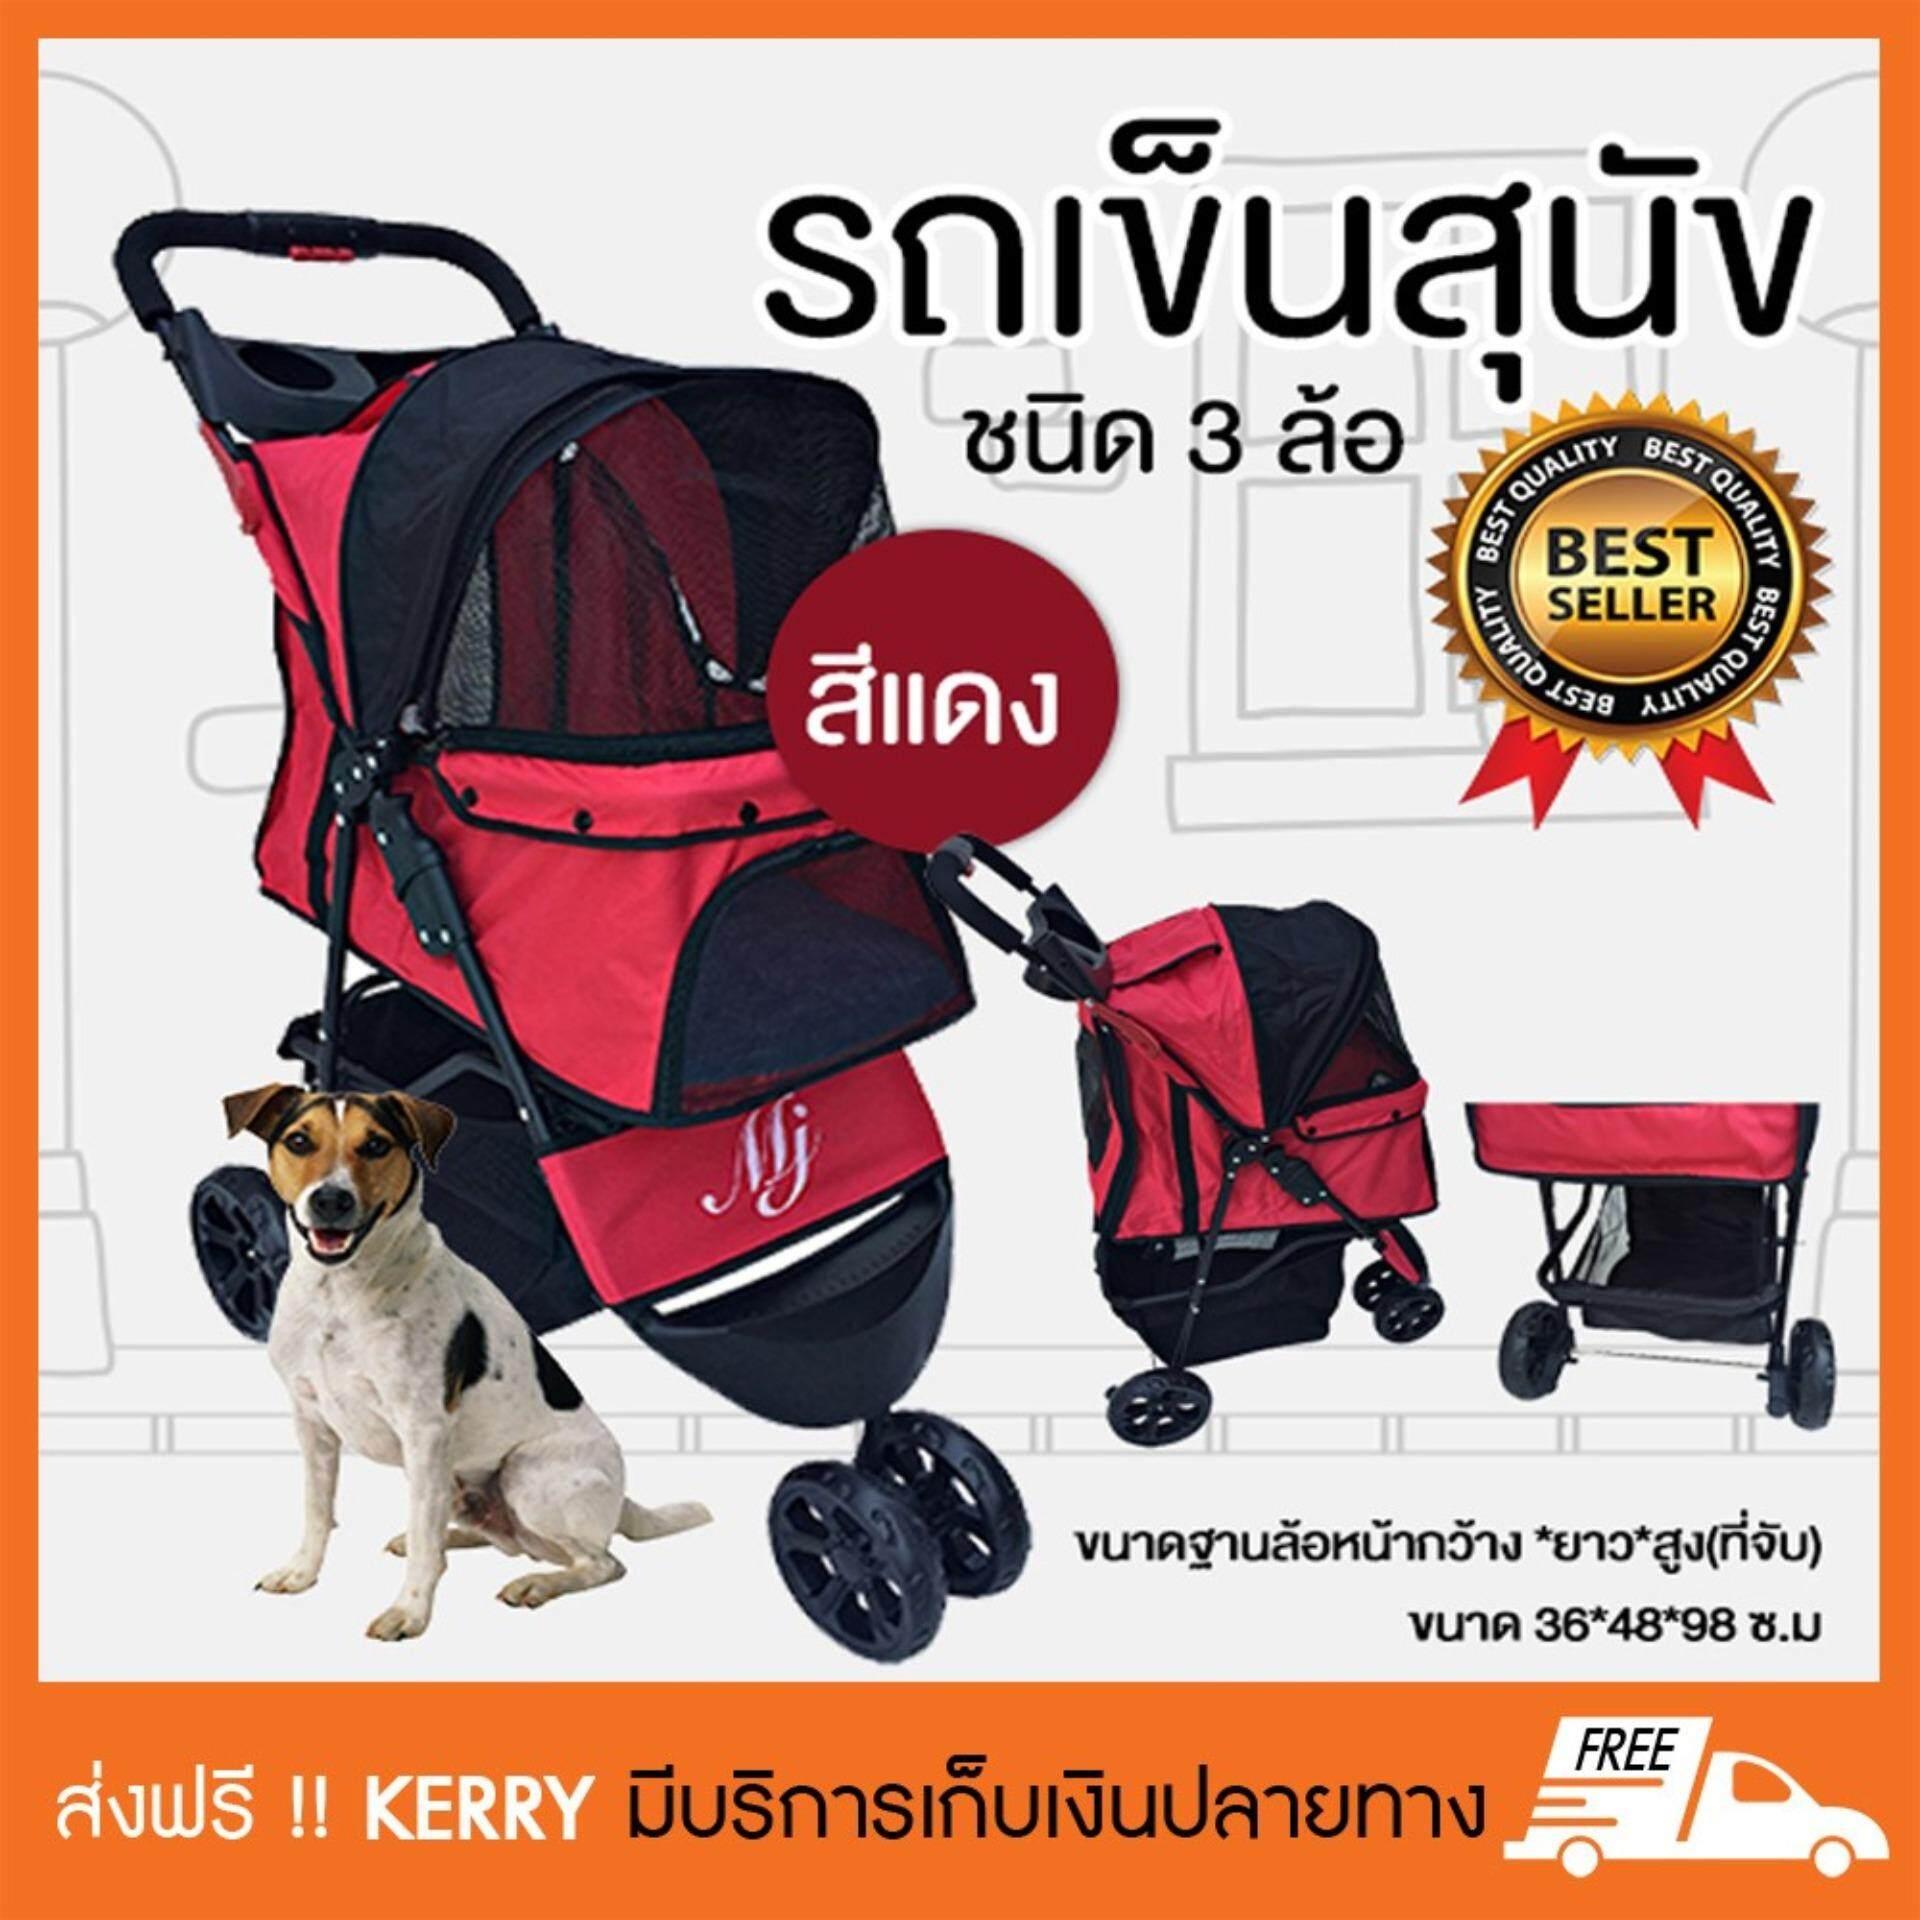 รถเข็นสุนัข รถเข็นหมา รถเข็นน้องหมา ขนาดเล็ก (สีแดง) กางและพับเก็บได้ง่าย